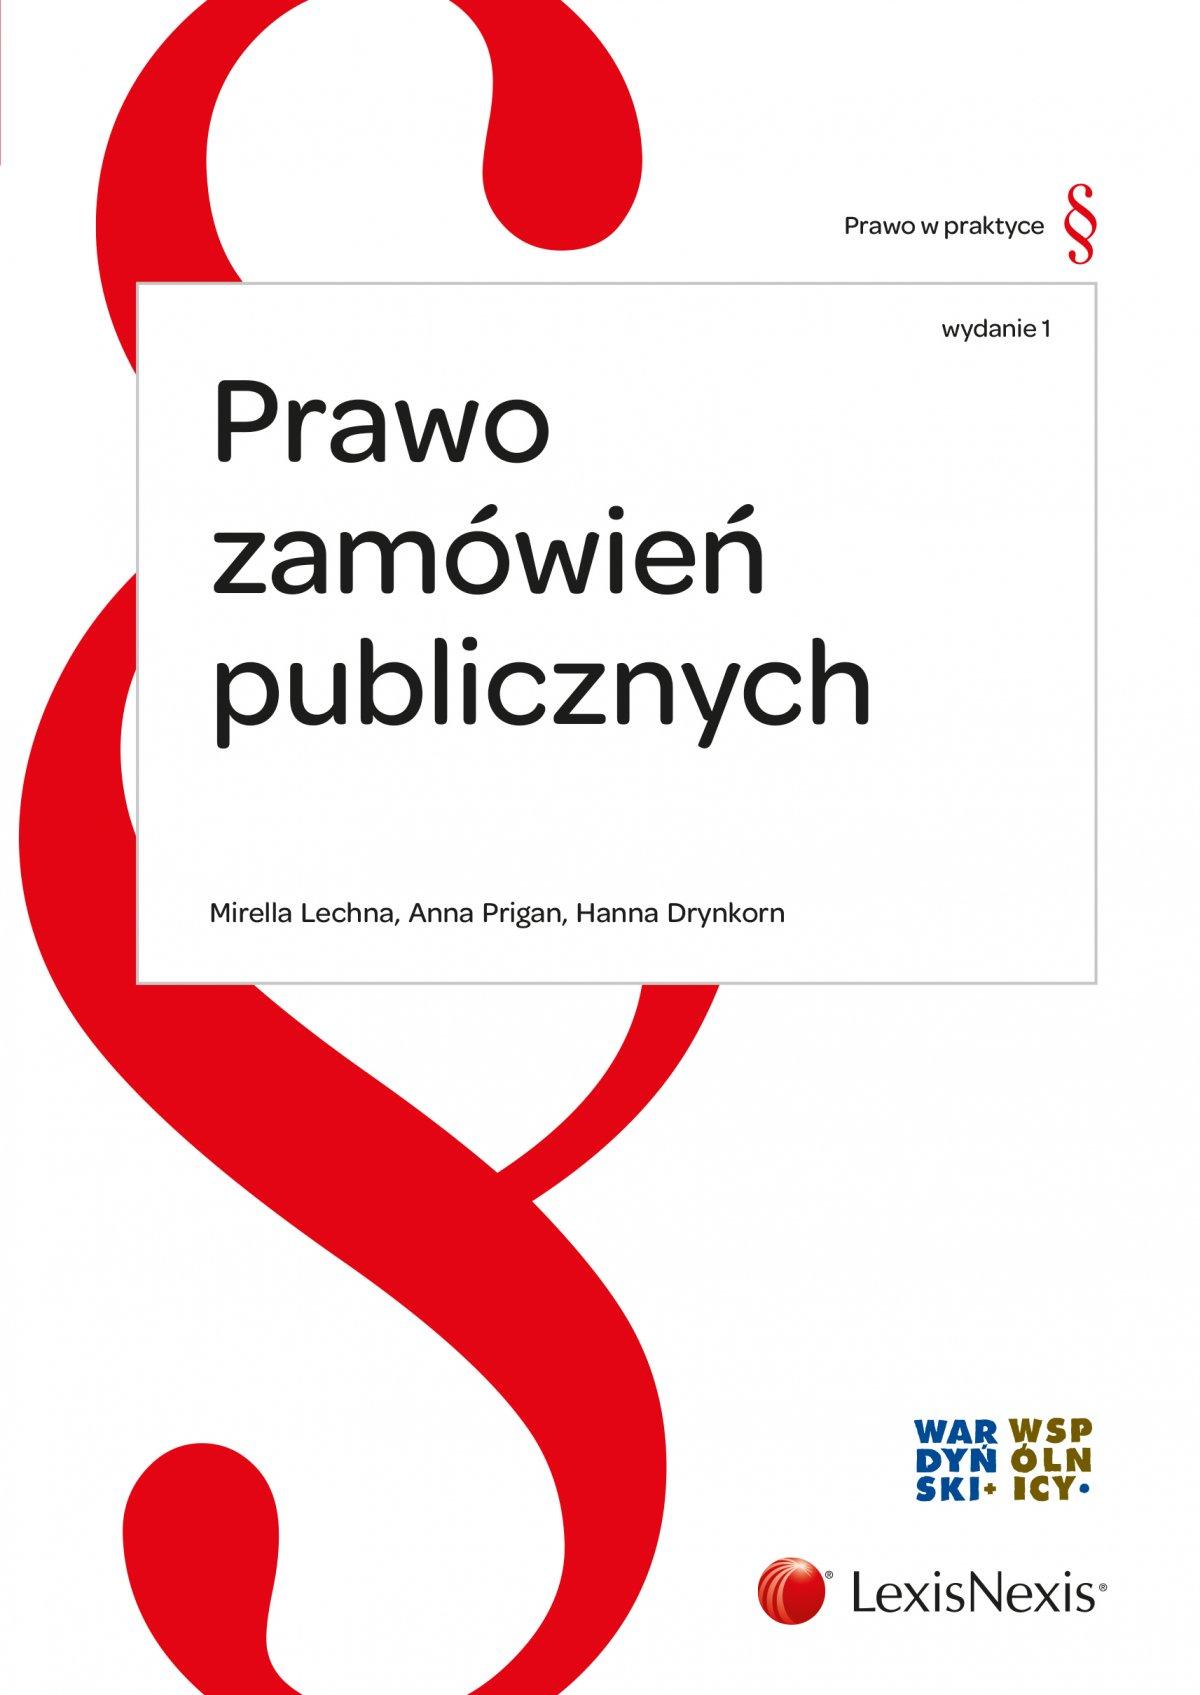 Prawo zamówień publicznych. Wydanie 1 - Ebook (Książka EPUB) do pobrania w formacie EPUB